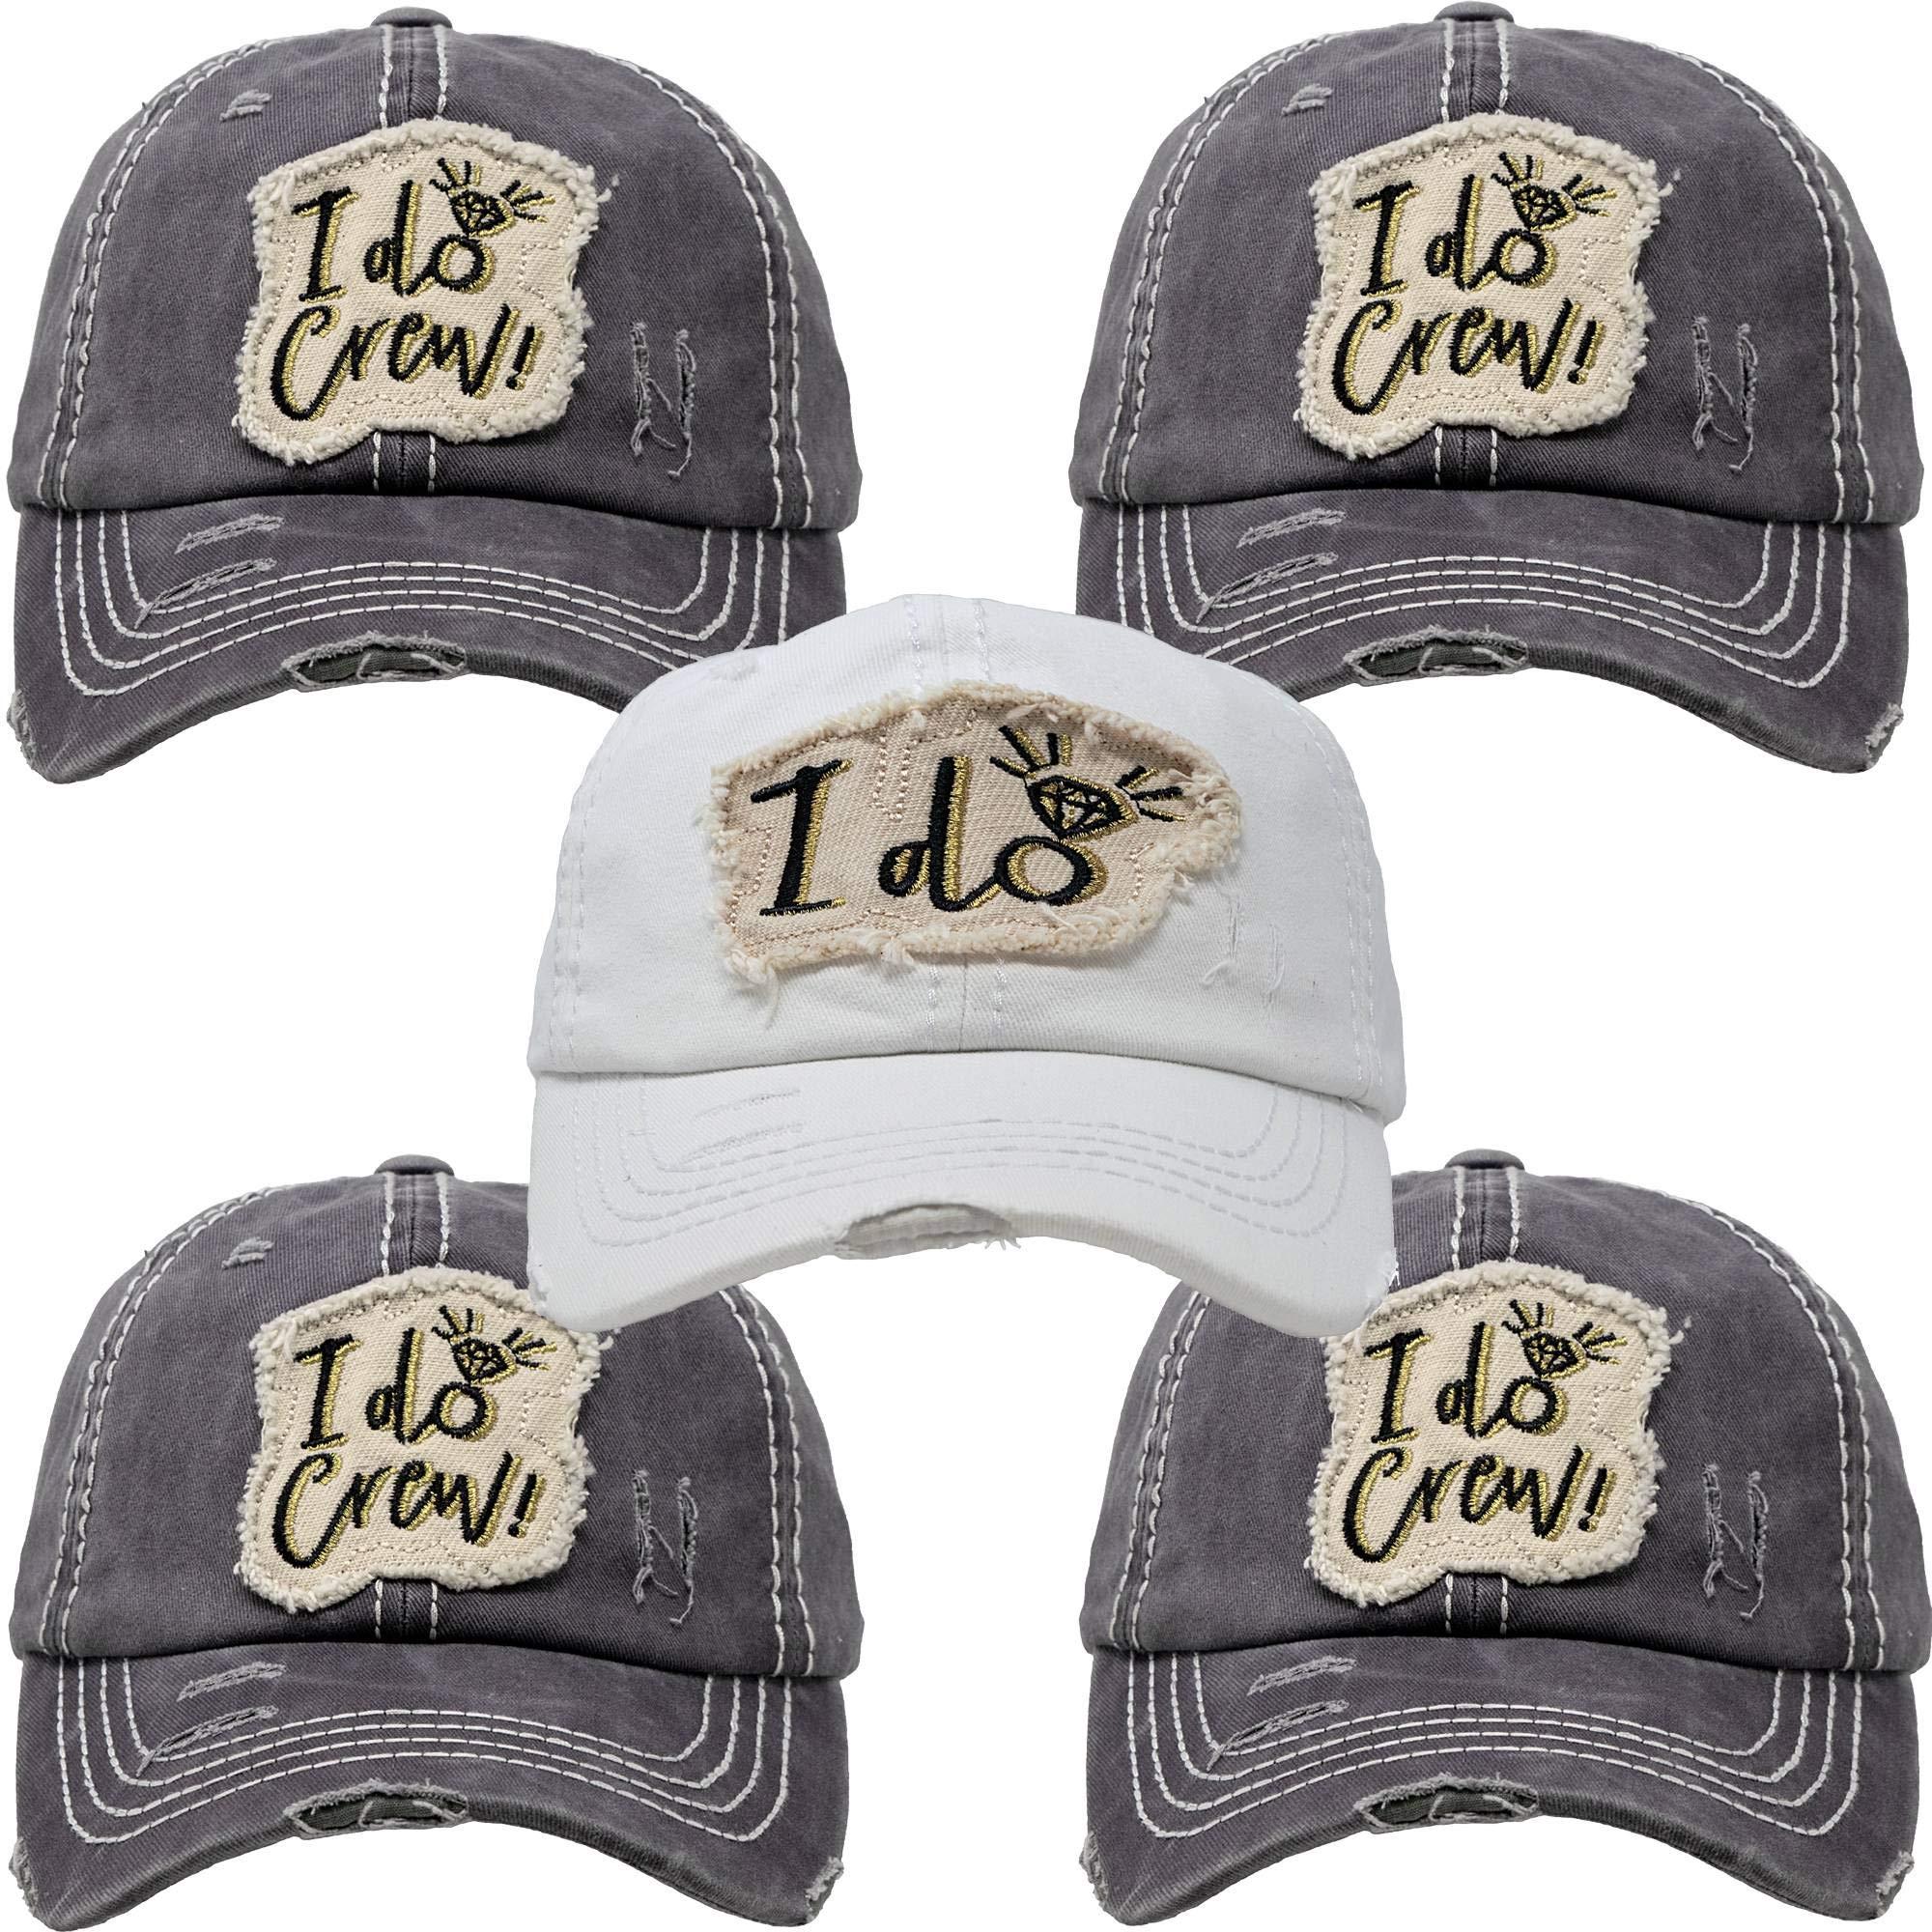 BH-202-5-ID.4IDC70 Bridal Hat Bundle: I do, 4 I Do Crew (Grey) by Funky Junque